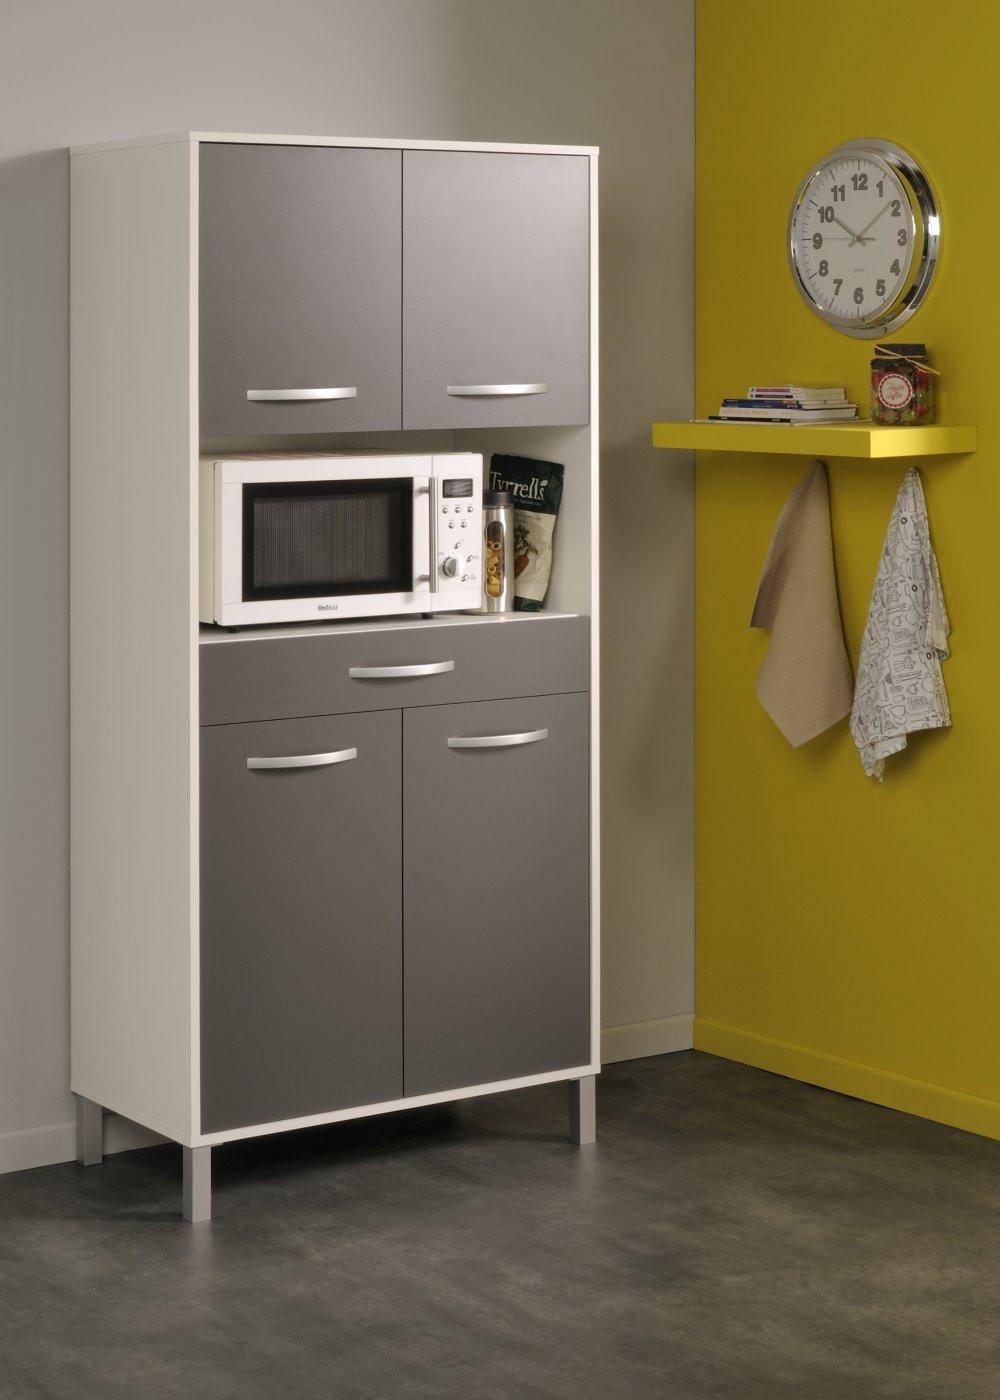 Küche Mit Integrierter Eckbank